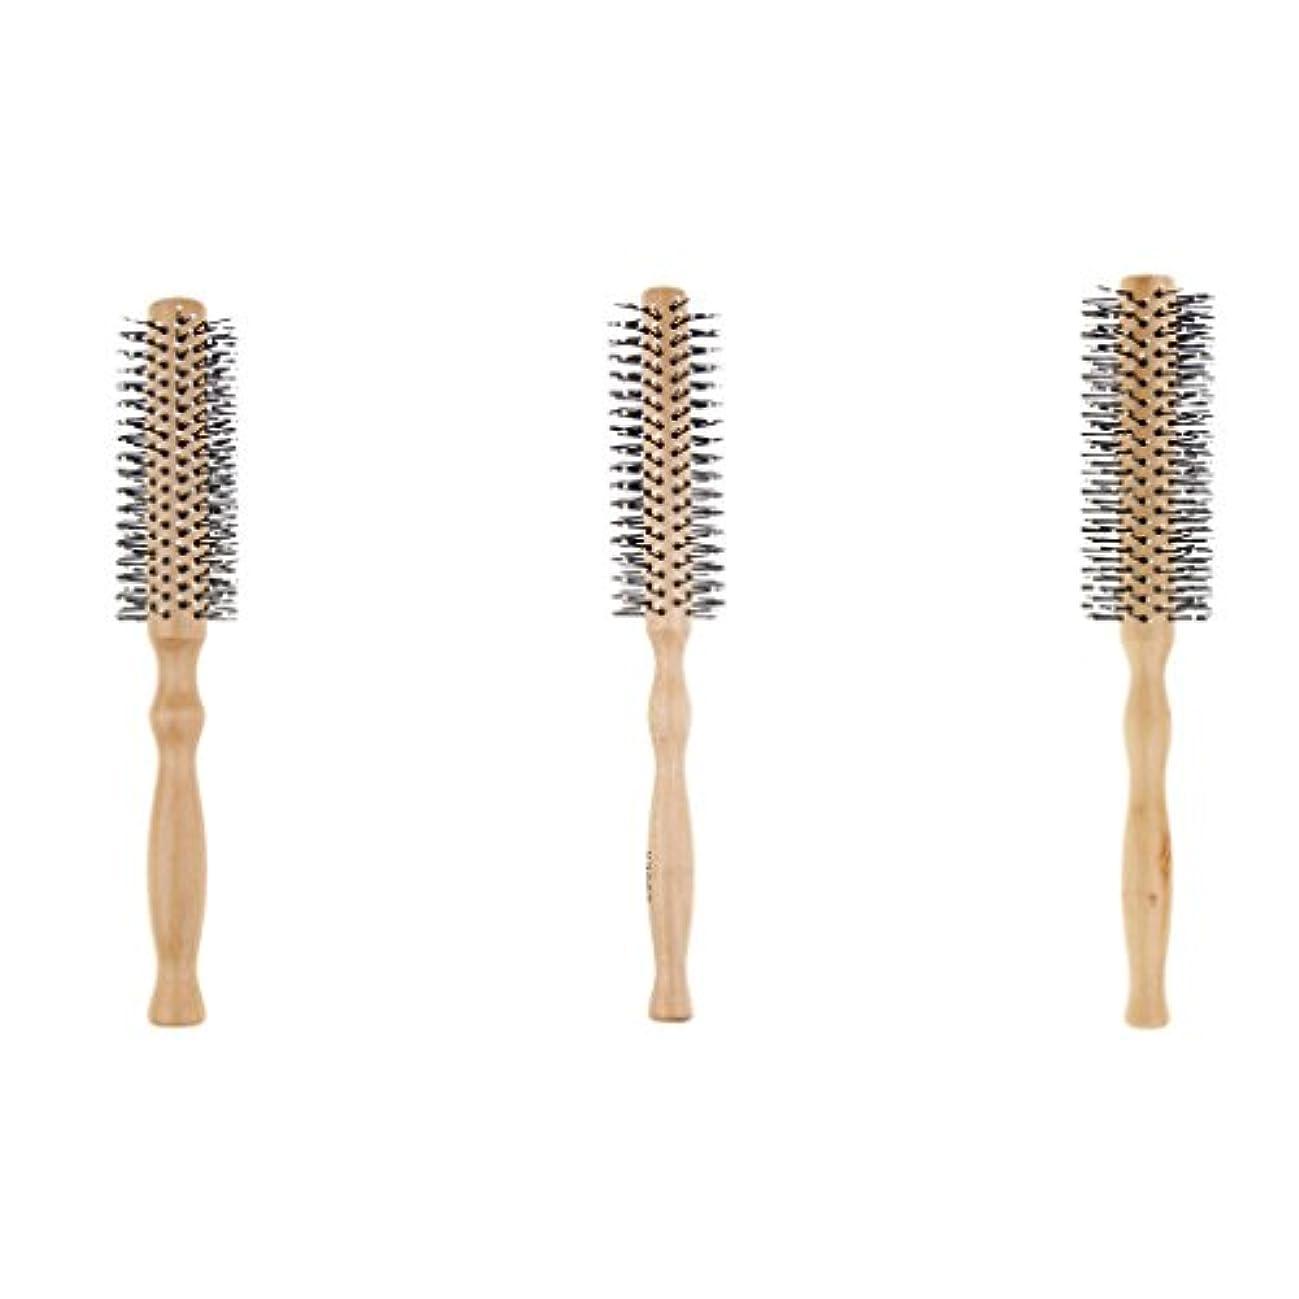 トレーニングパンチスペクトラムPerfeclan 3本セット ロールブラシ ヘアブラシ 木製櫛 スタイリングブラシ 巻き髪 静電気防止